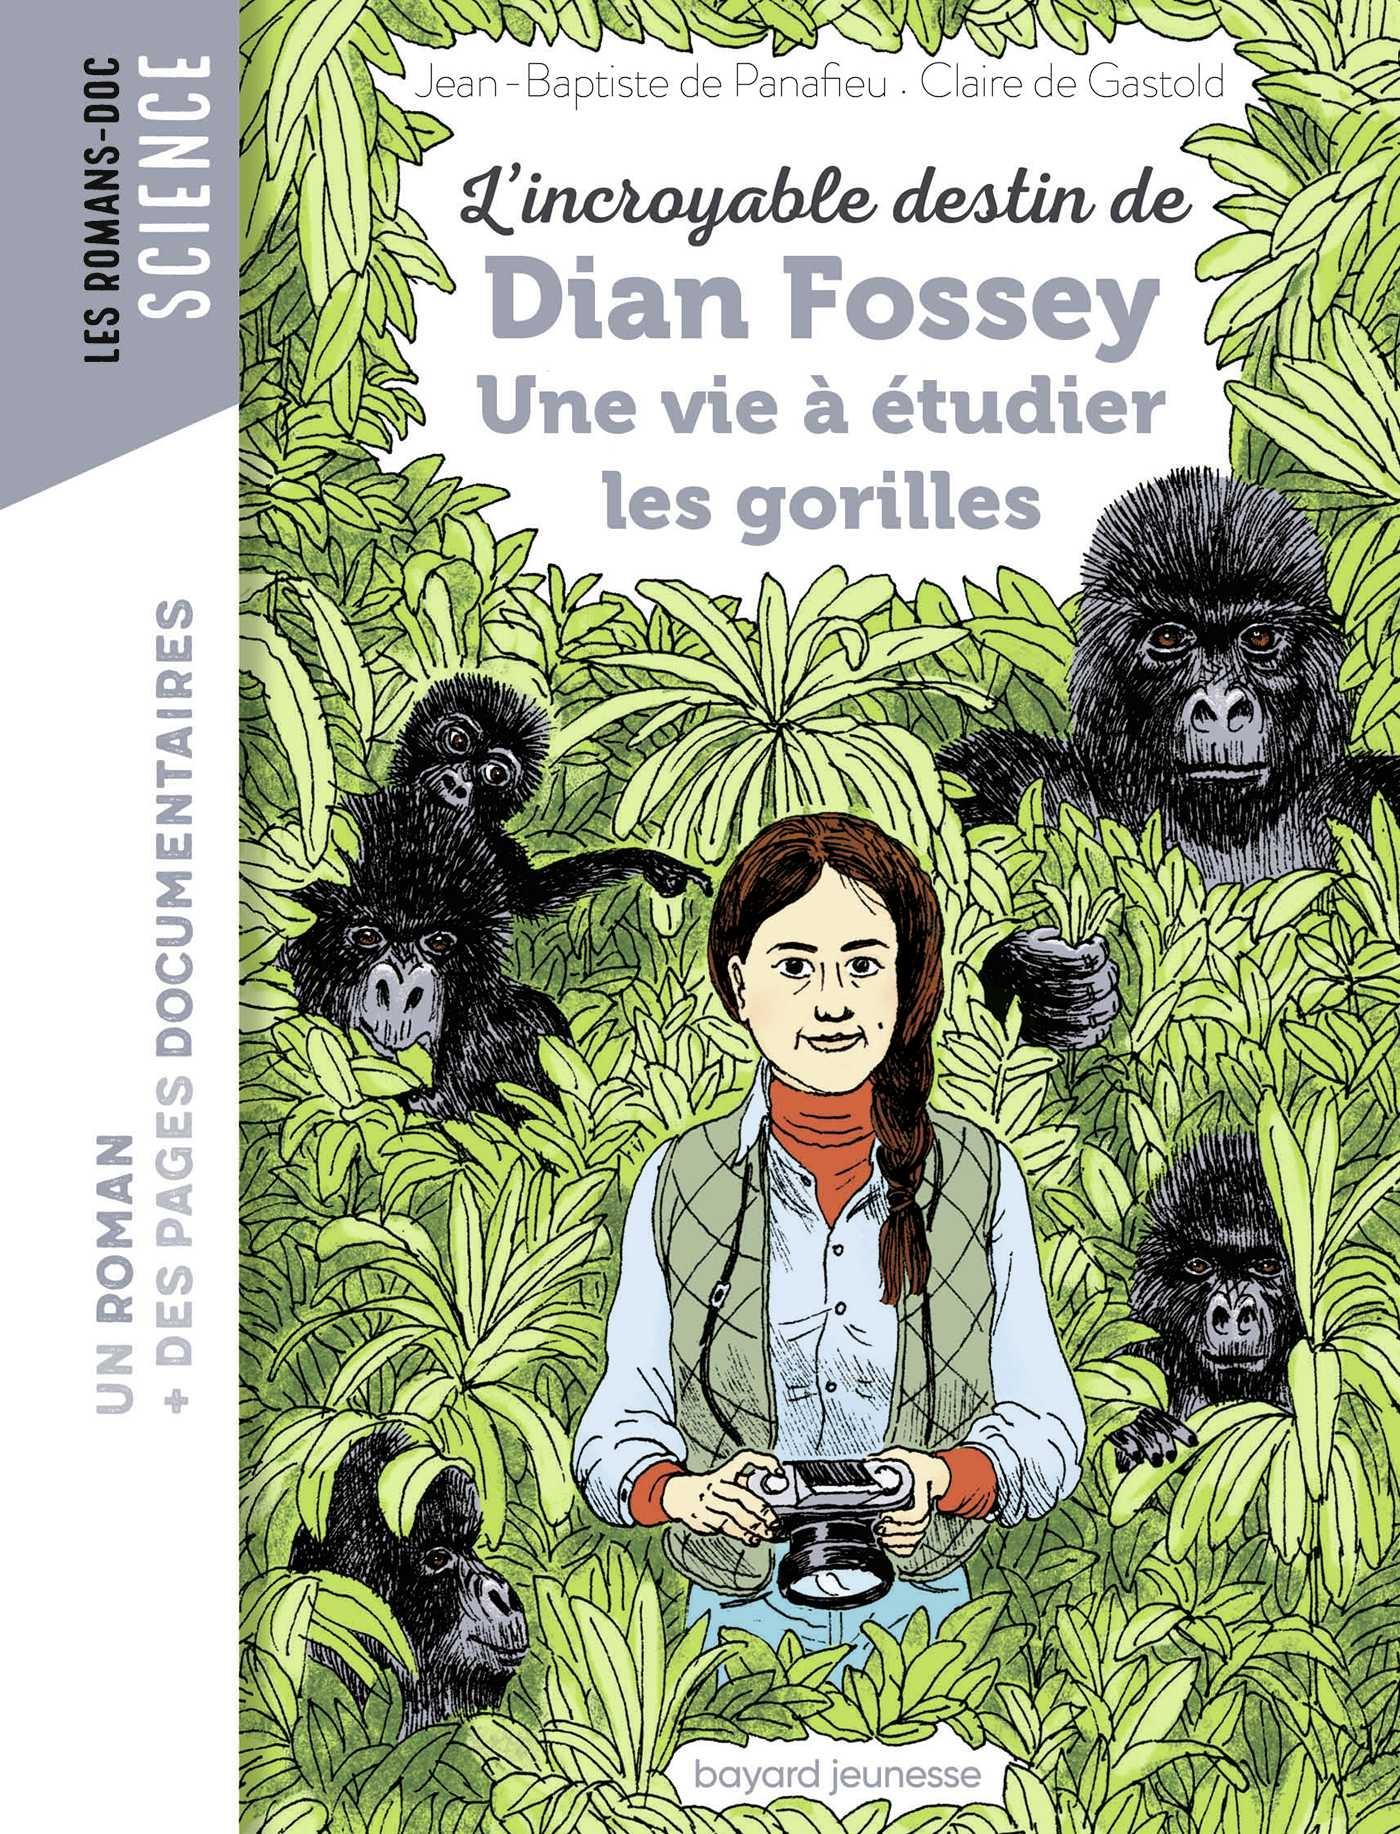 L'incroyable destin de Dian Fossey, une vie à étudier les gorilles | de PANAFIEU, JEAN-BAPTISTE. Auteur